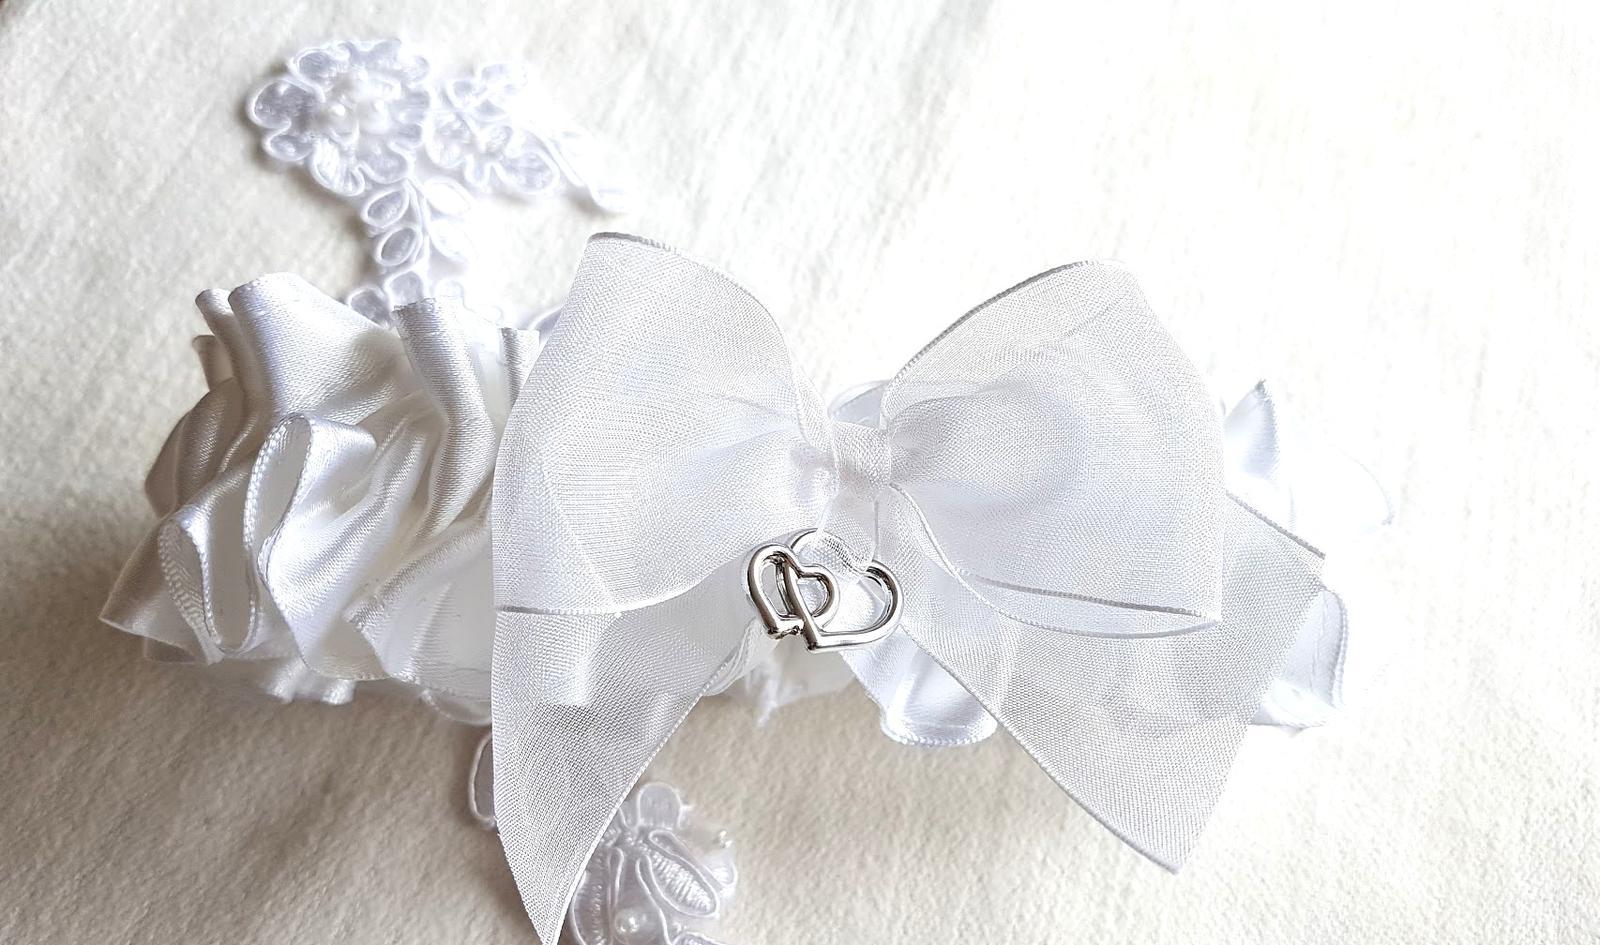 Svatební vývazky, podvazky, polštářky pod prstýnky, náramky.. - Obrázek č. 105